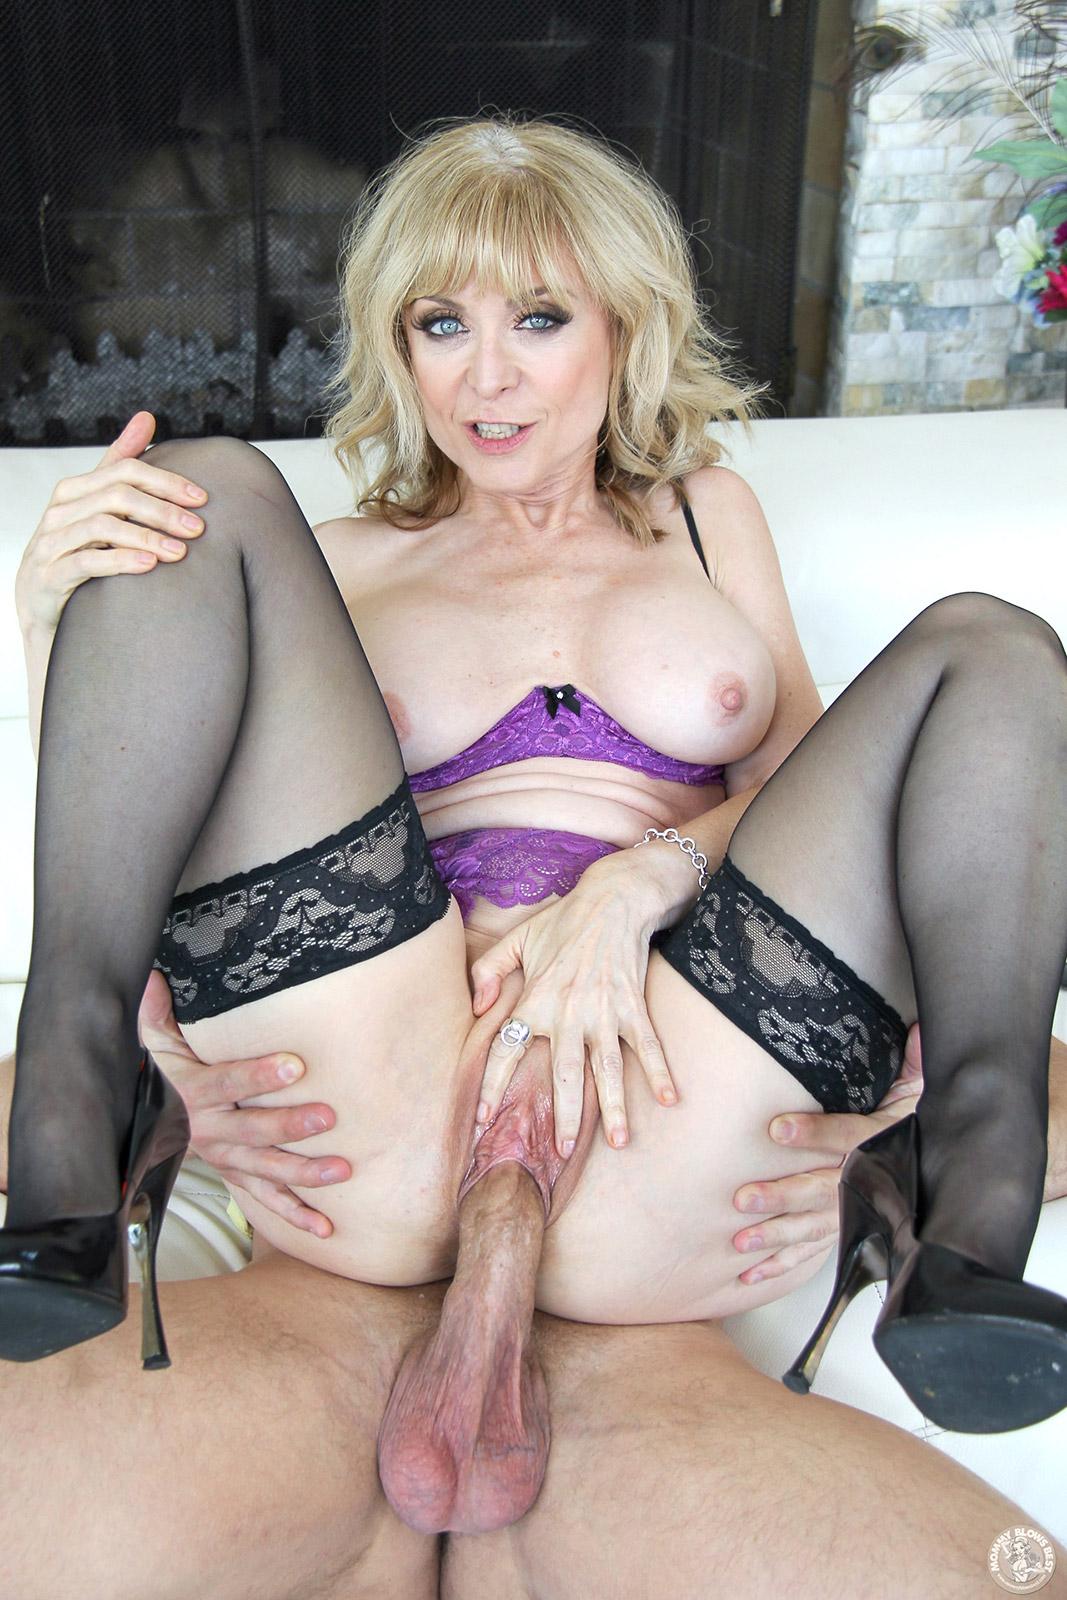 bbw lesbian huge tits